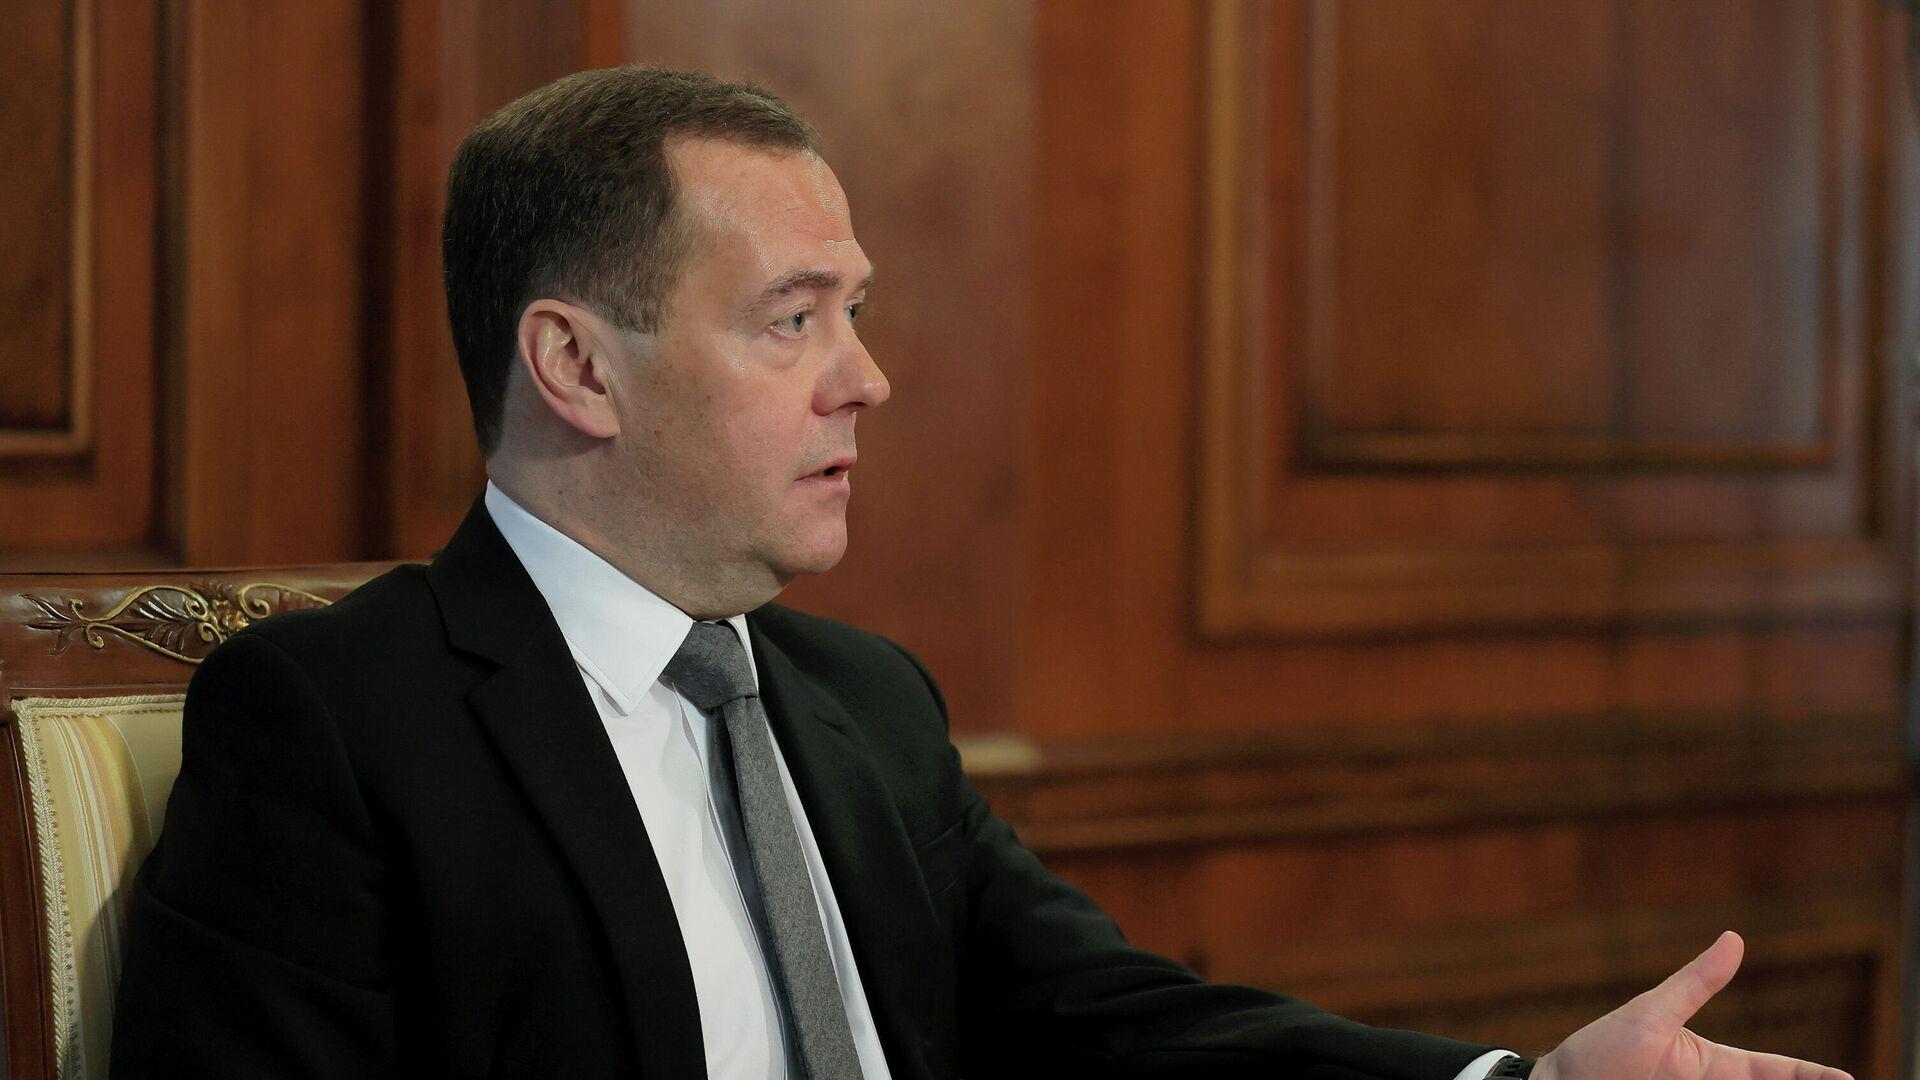 Председатель партии Единая Россия Дмитрий Медведев во время интервью представителям СМИ - РИА Новости, 1920, 01.02.2021